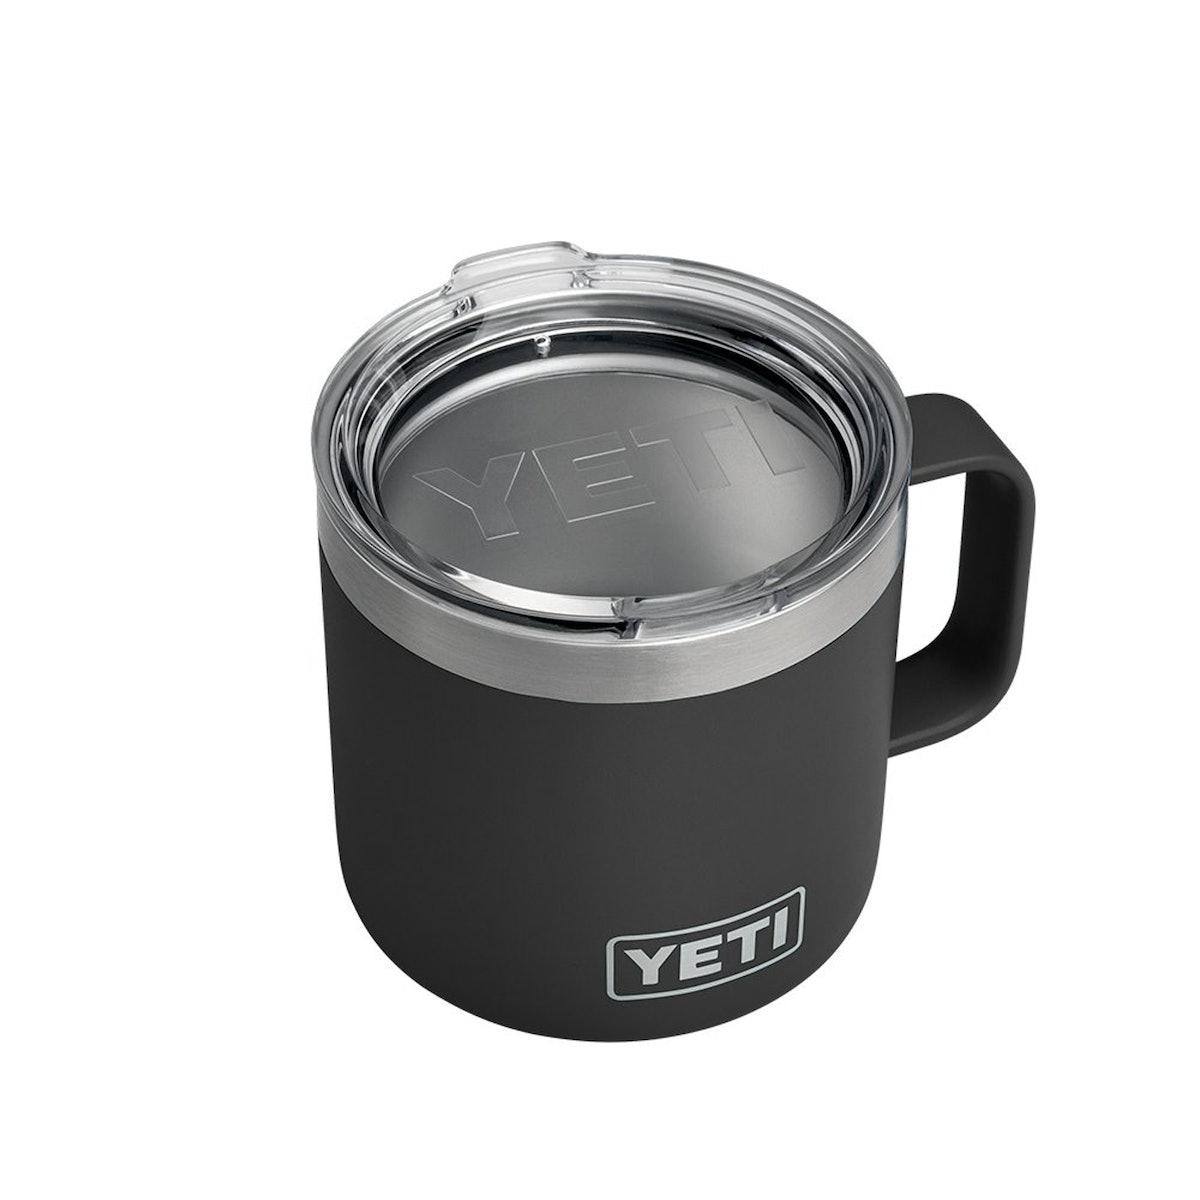 Yeti Rambler Stainless Steel Vacuum Insulated Mug